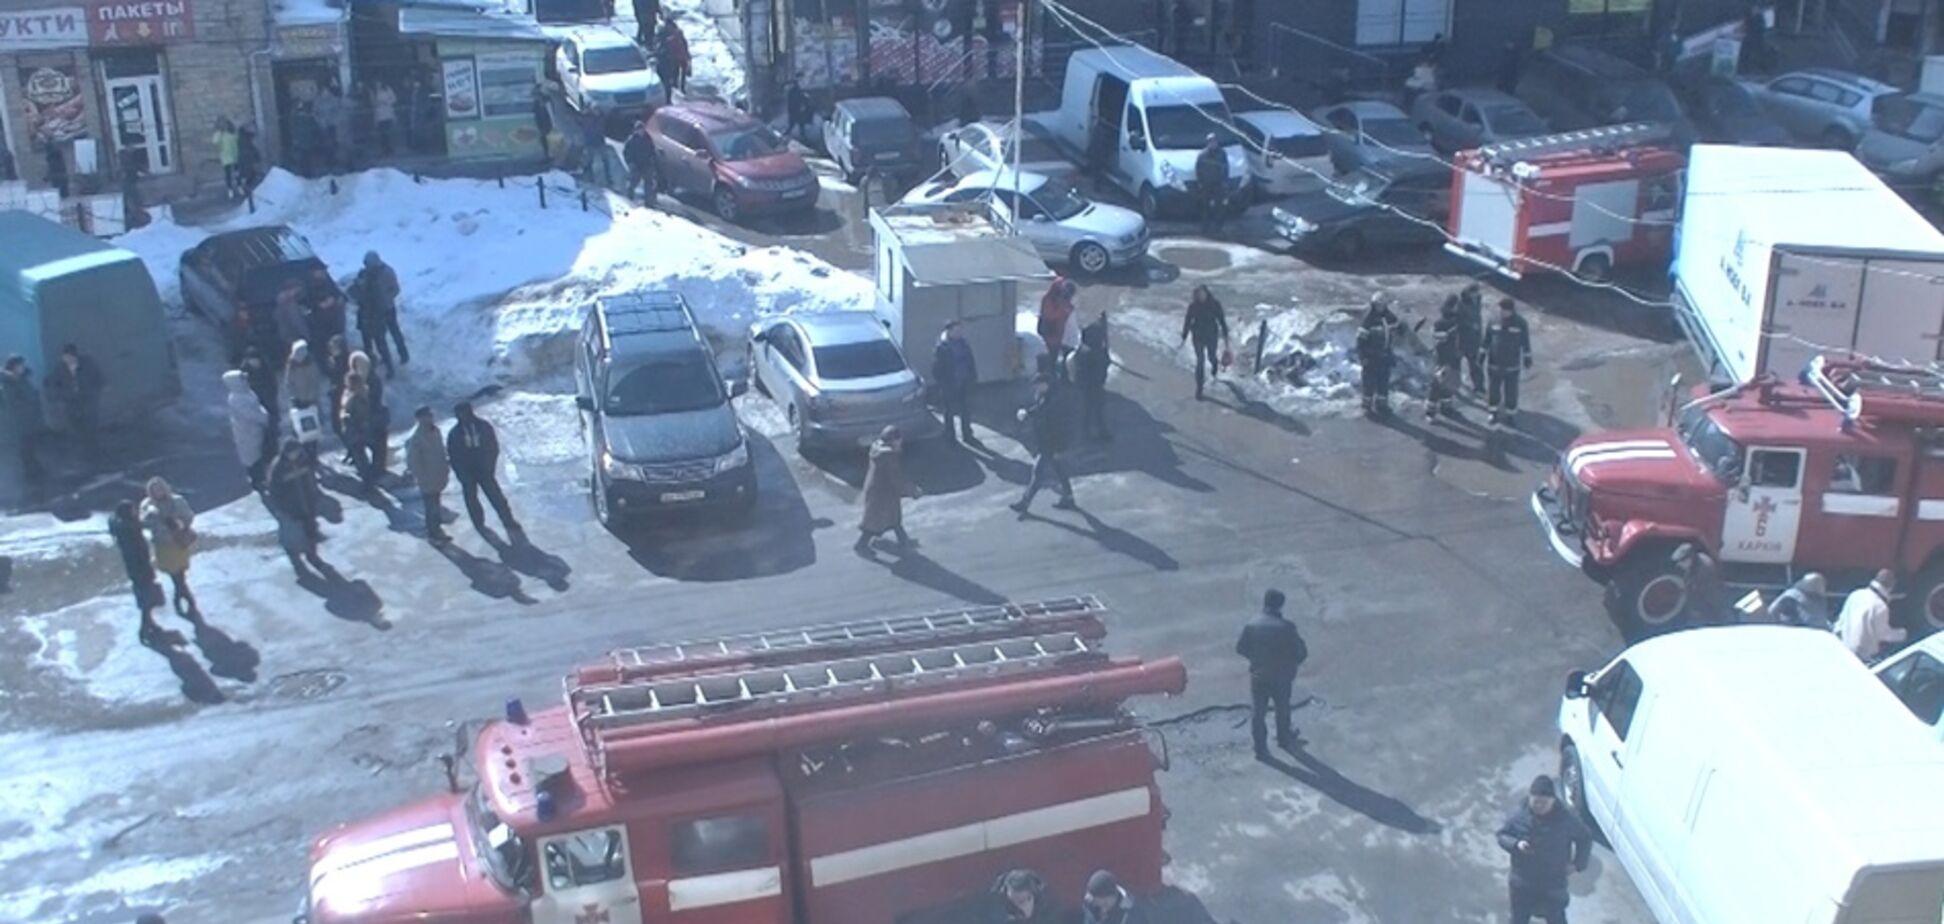 Люди задихалися і губилися в диму: в Харкові ледь не повторилася кемеровська трагедія